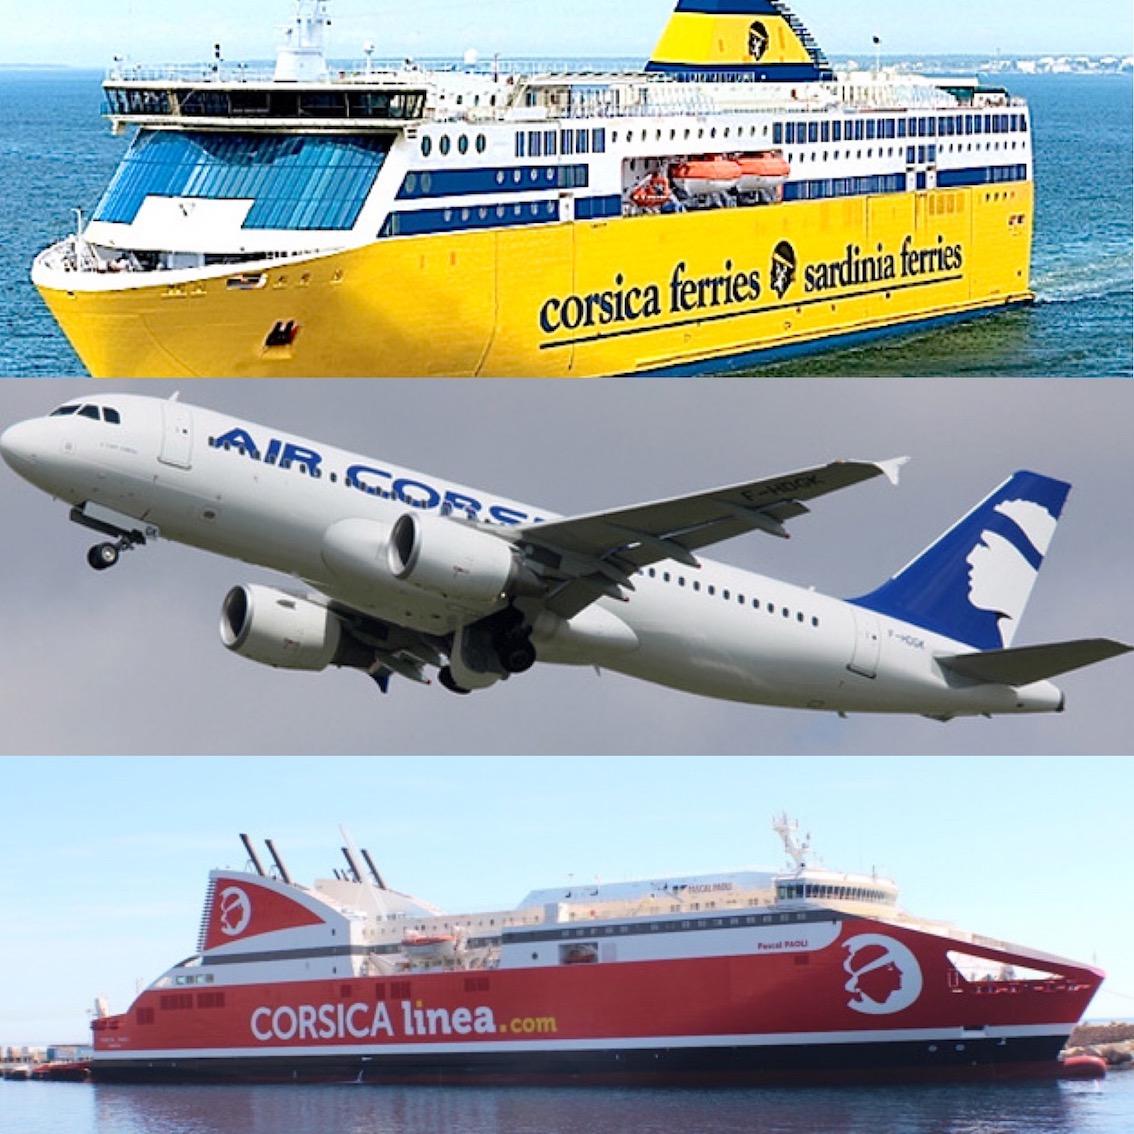 Coronavirus : Quelles mesures les compagnies maritimes et aériennes prennent-elles pour éviter toute contagion ?